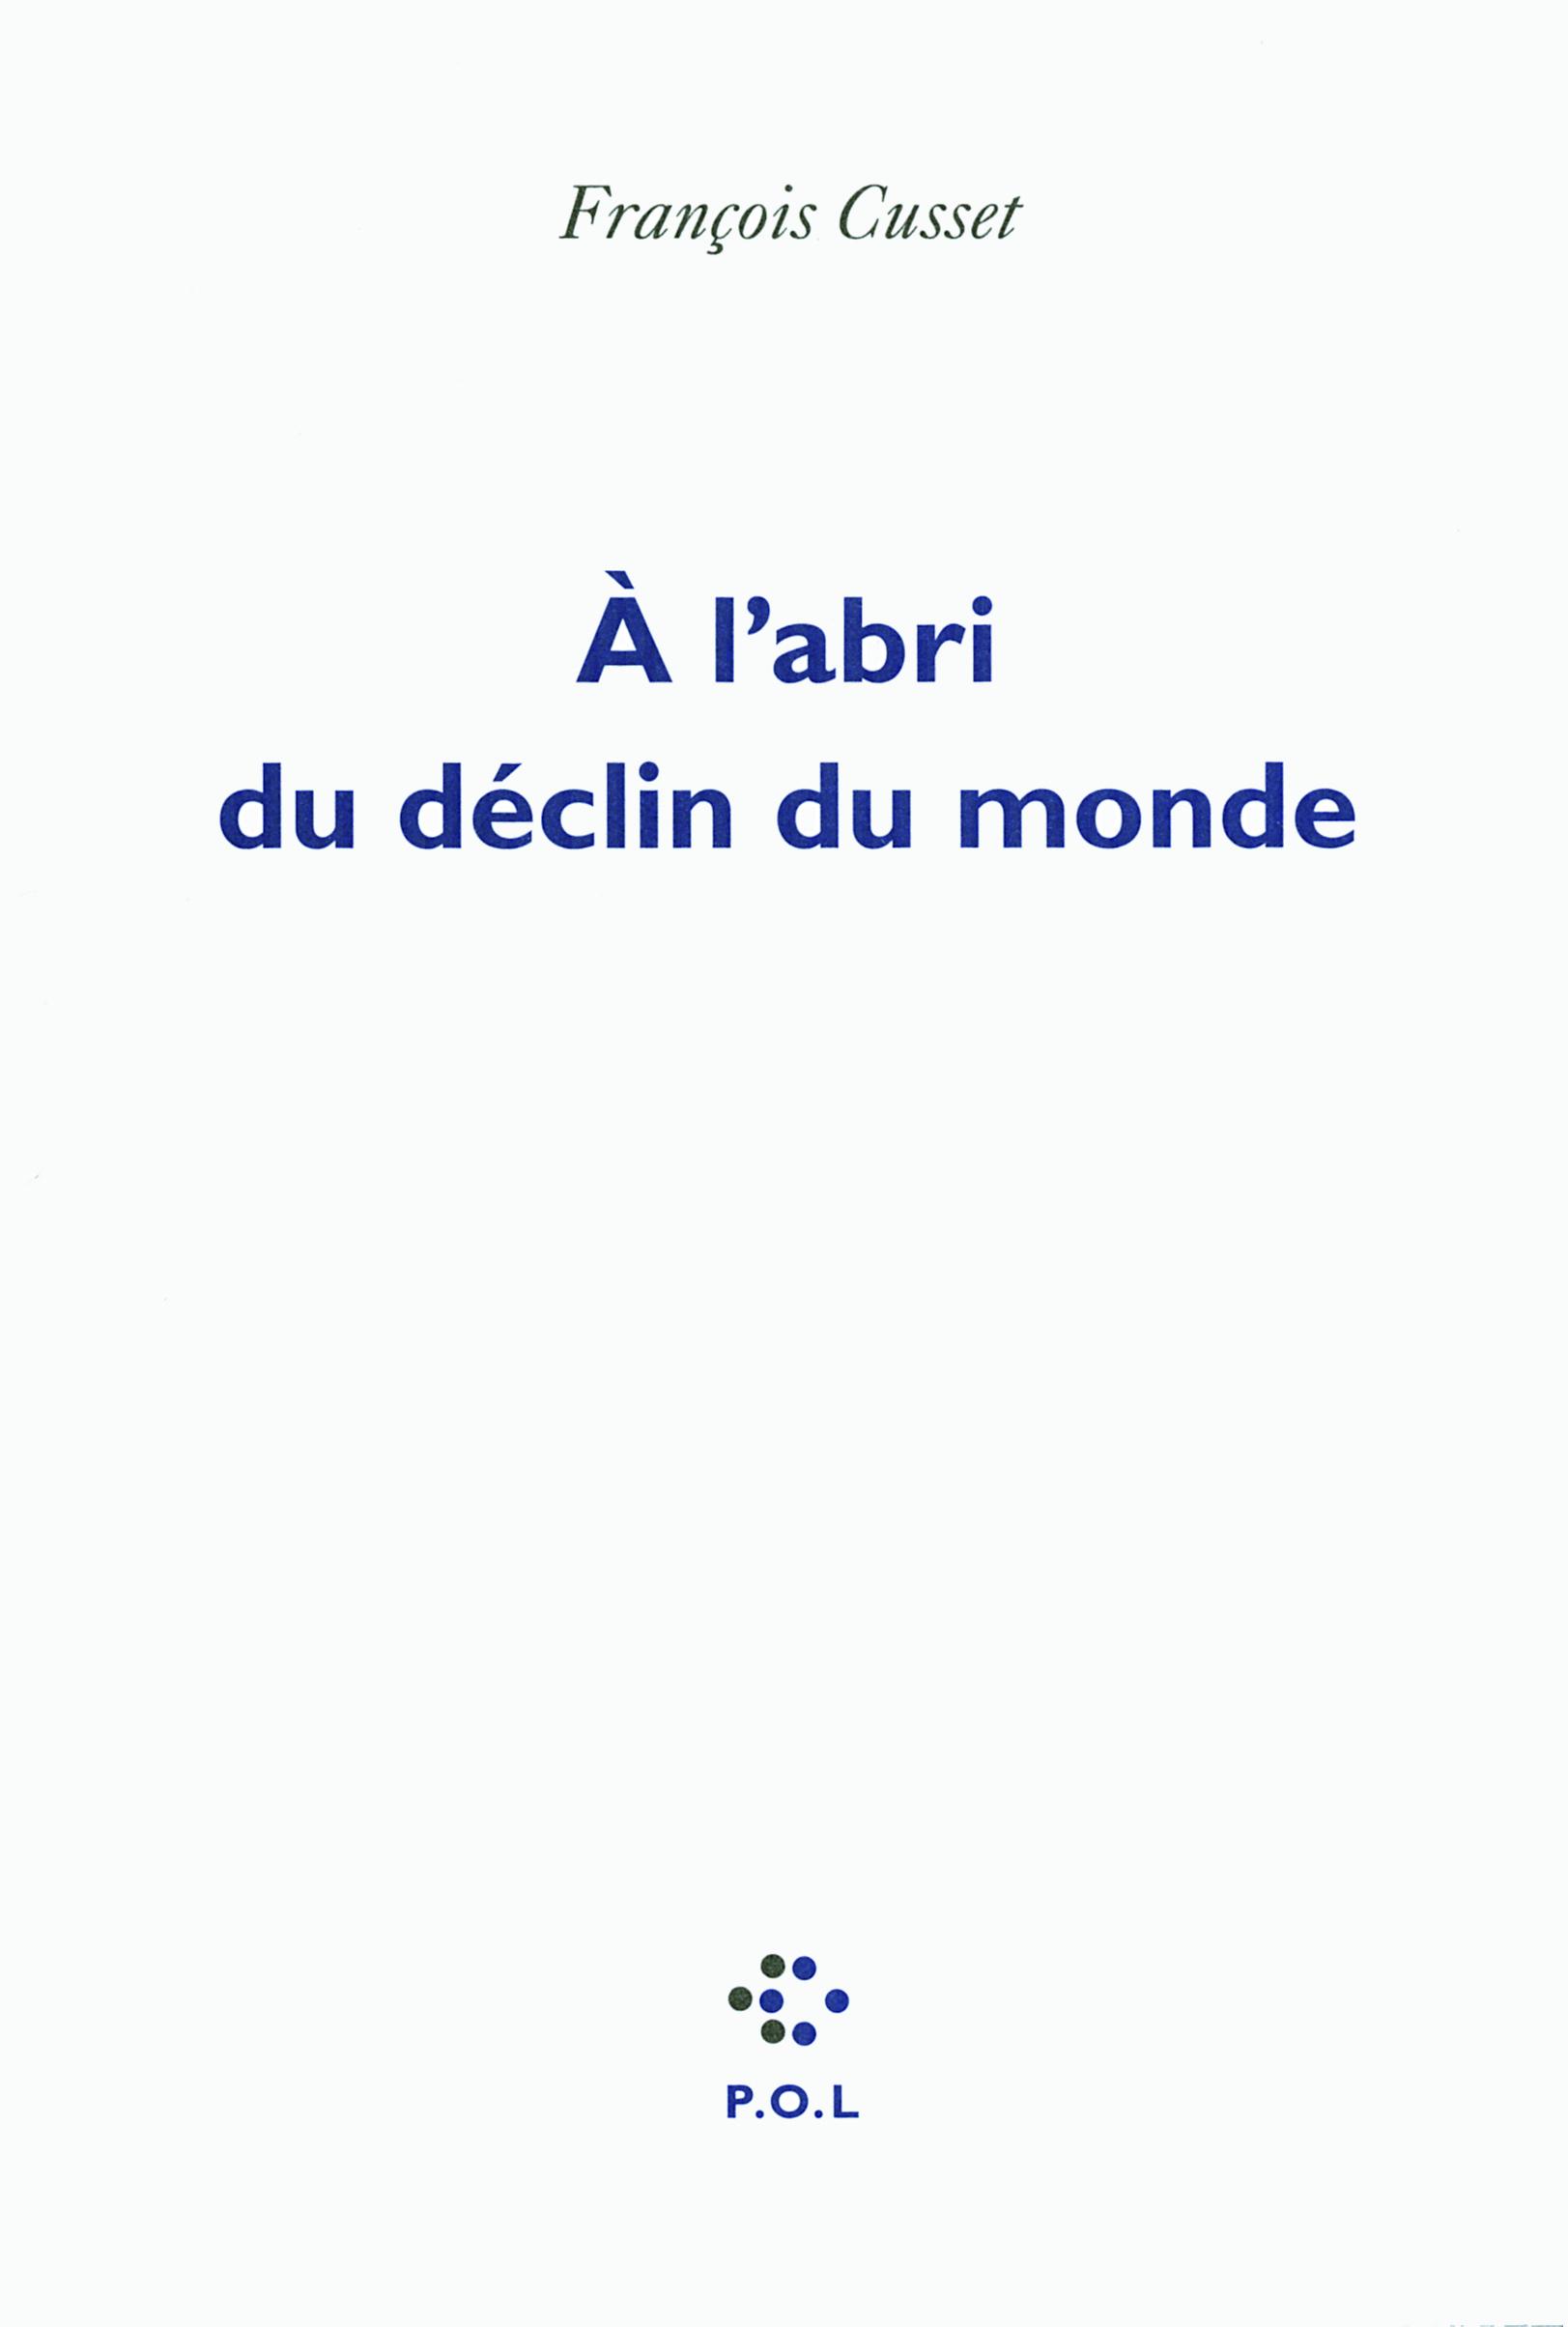 A L'ABRI DU DECLIN DU MONDE